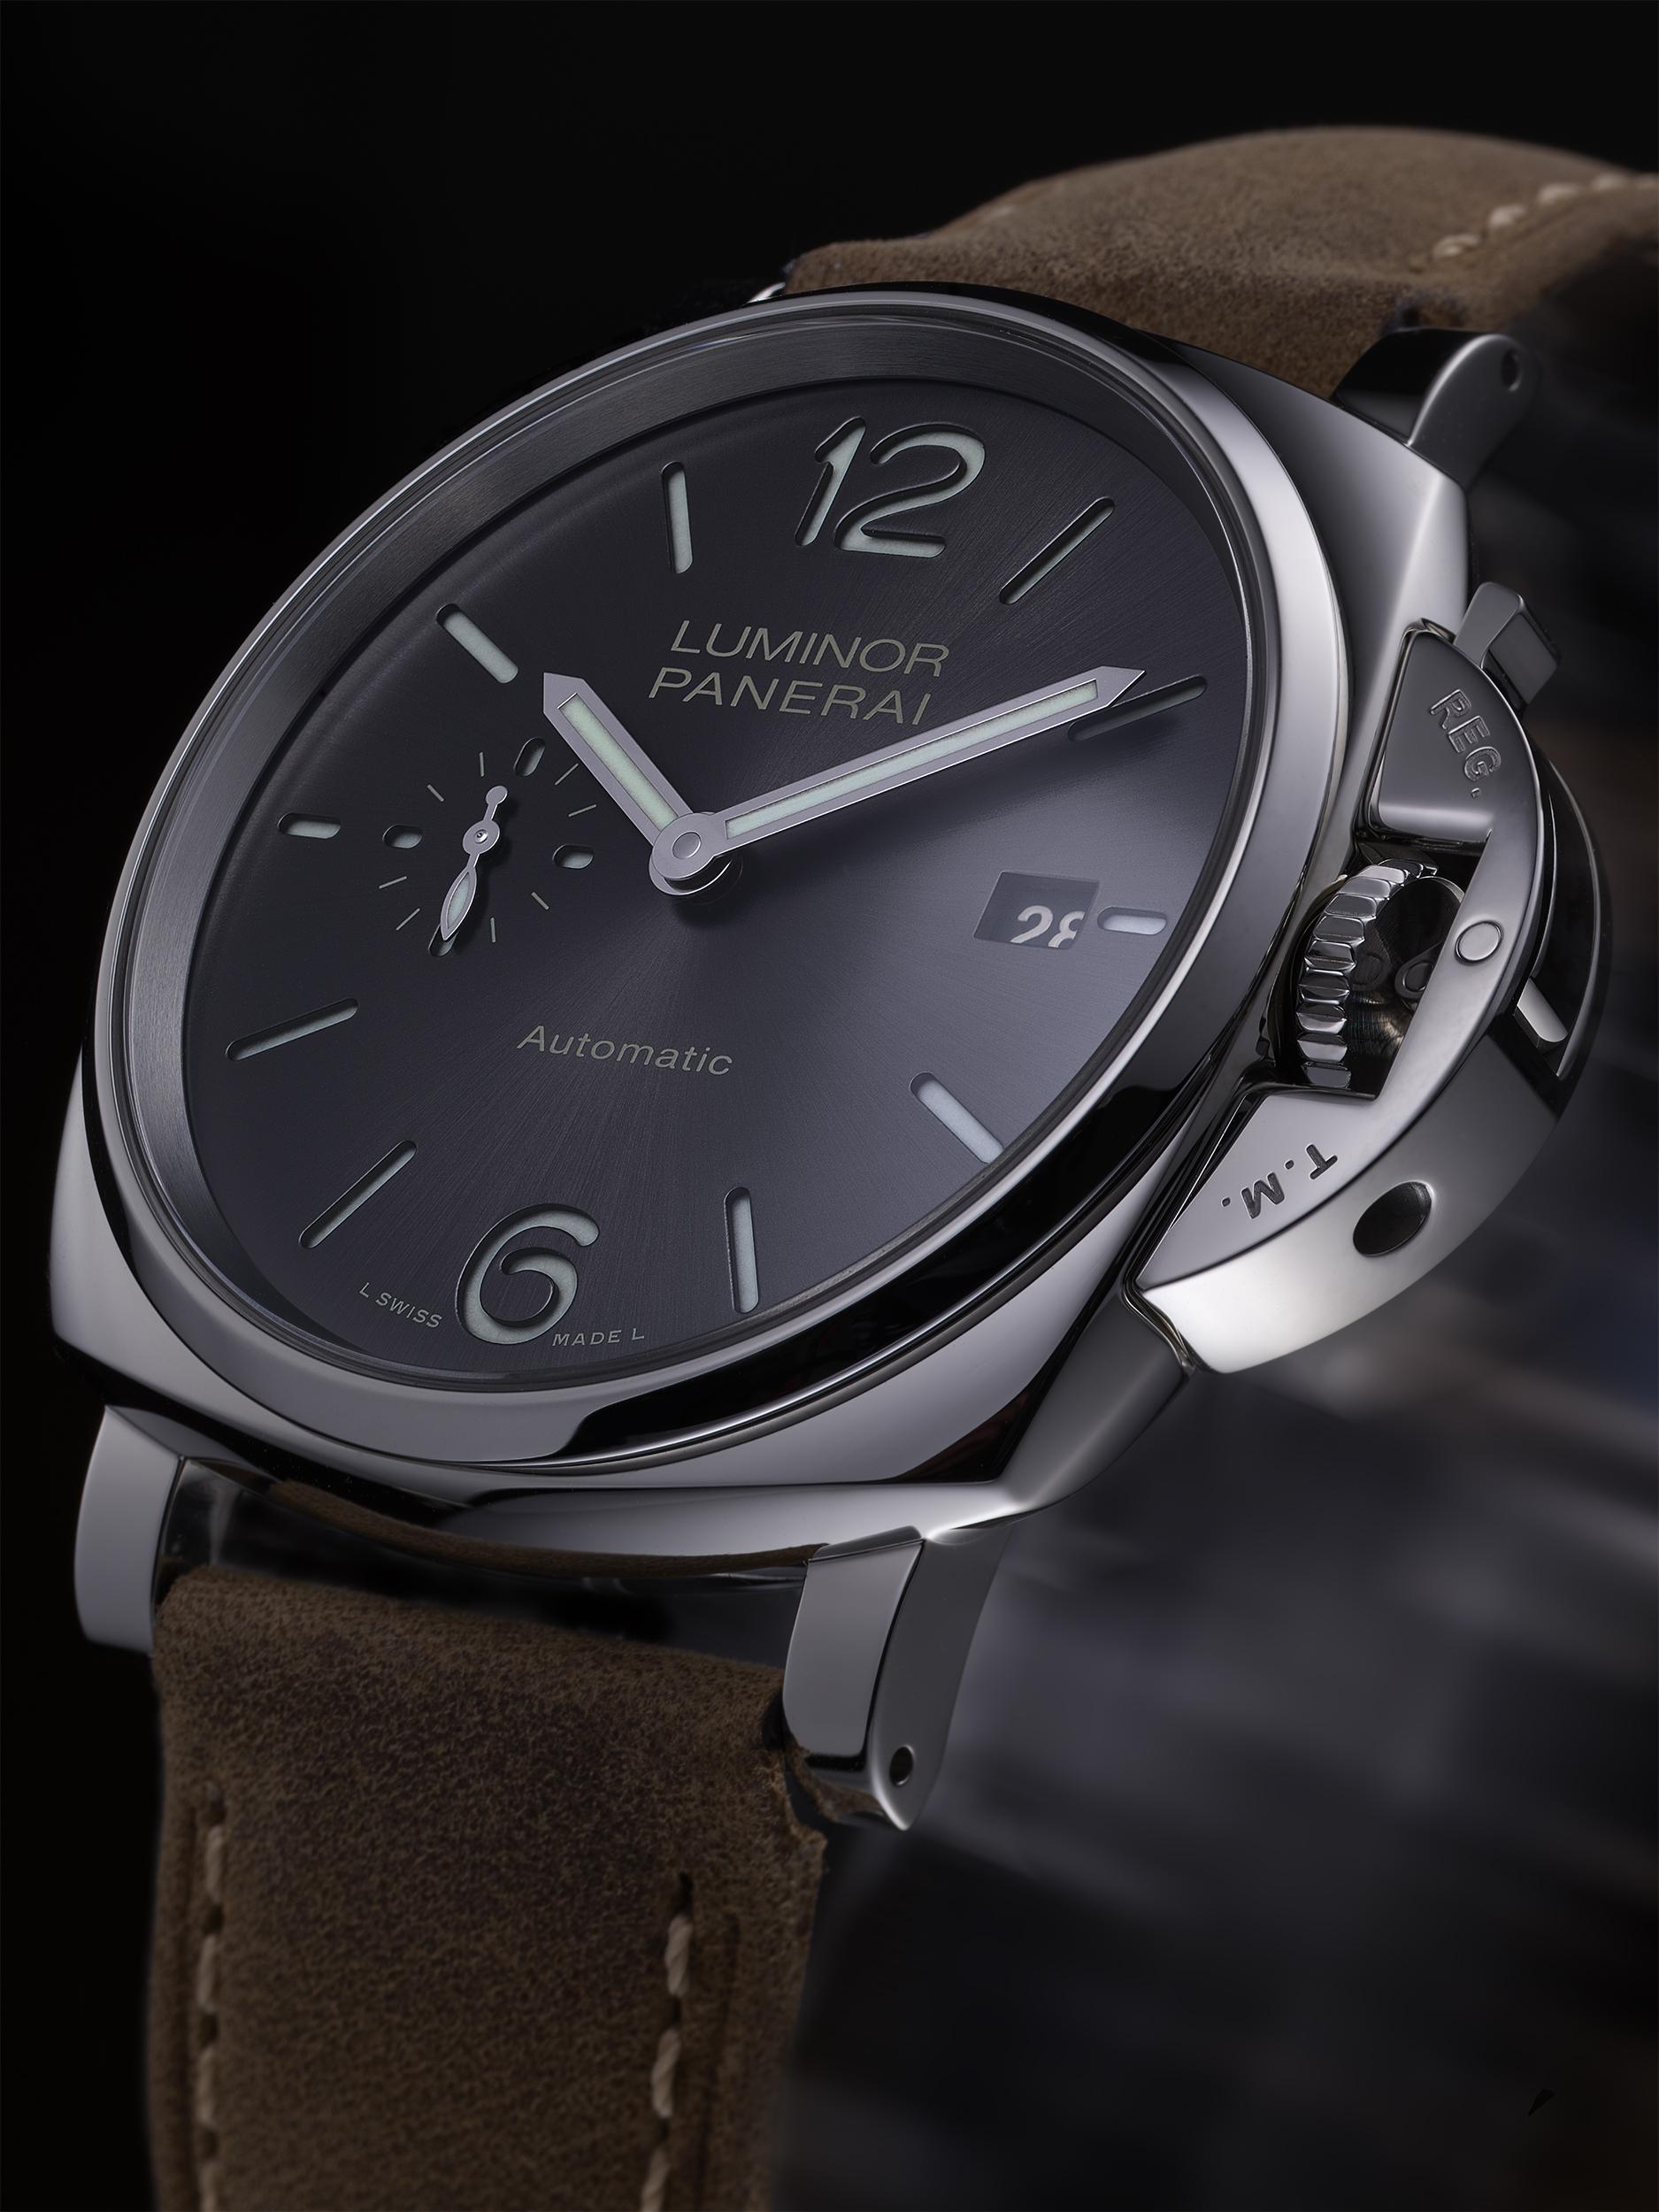 Magnifique prise de vue de la montre Panerai en 3/4 par Hahn Philippe shooting Studio